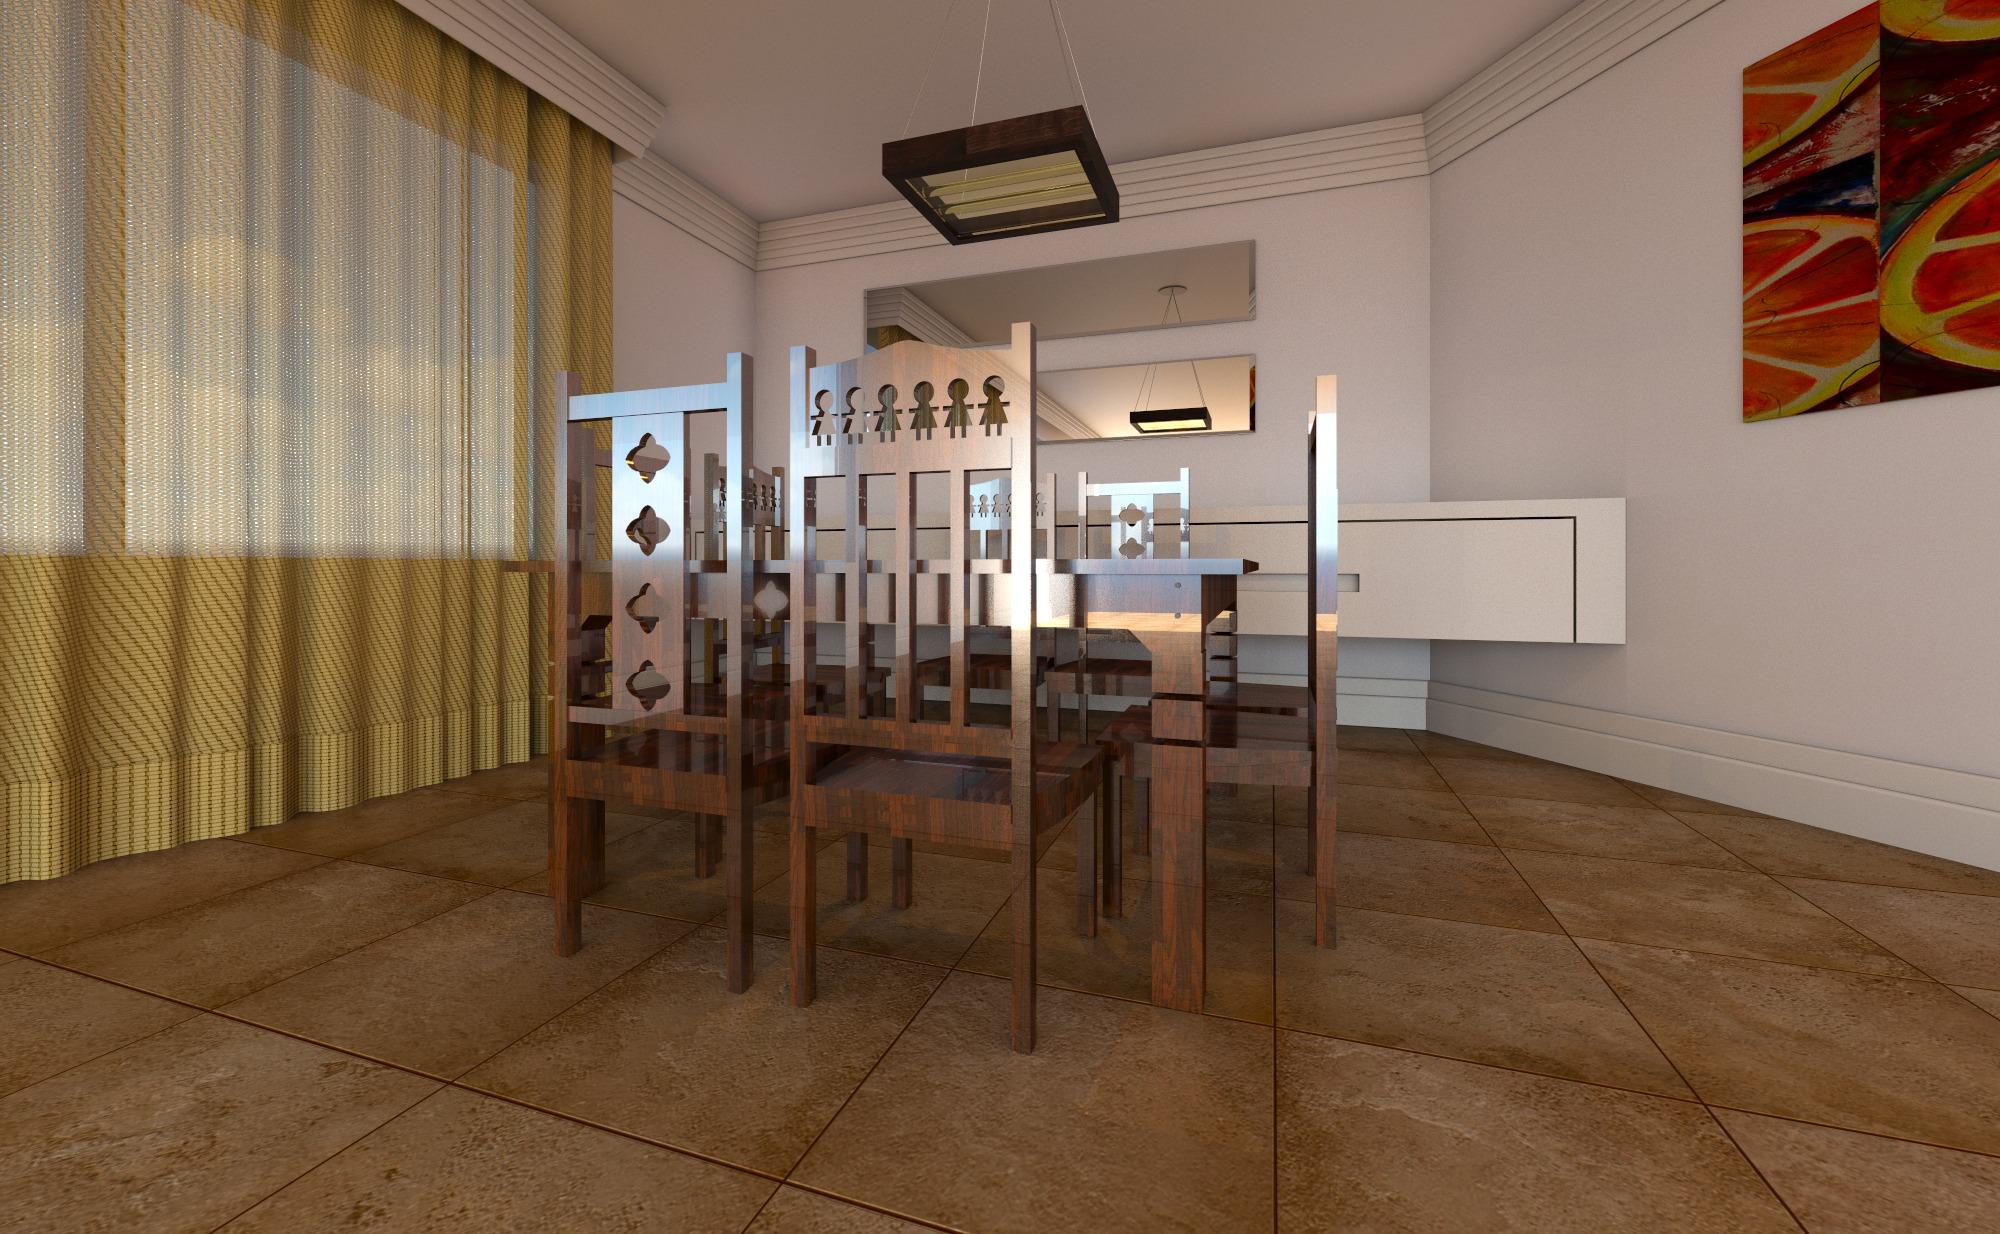 Raas-rendering20150312-1309-m80k7